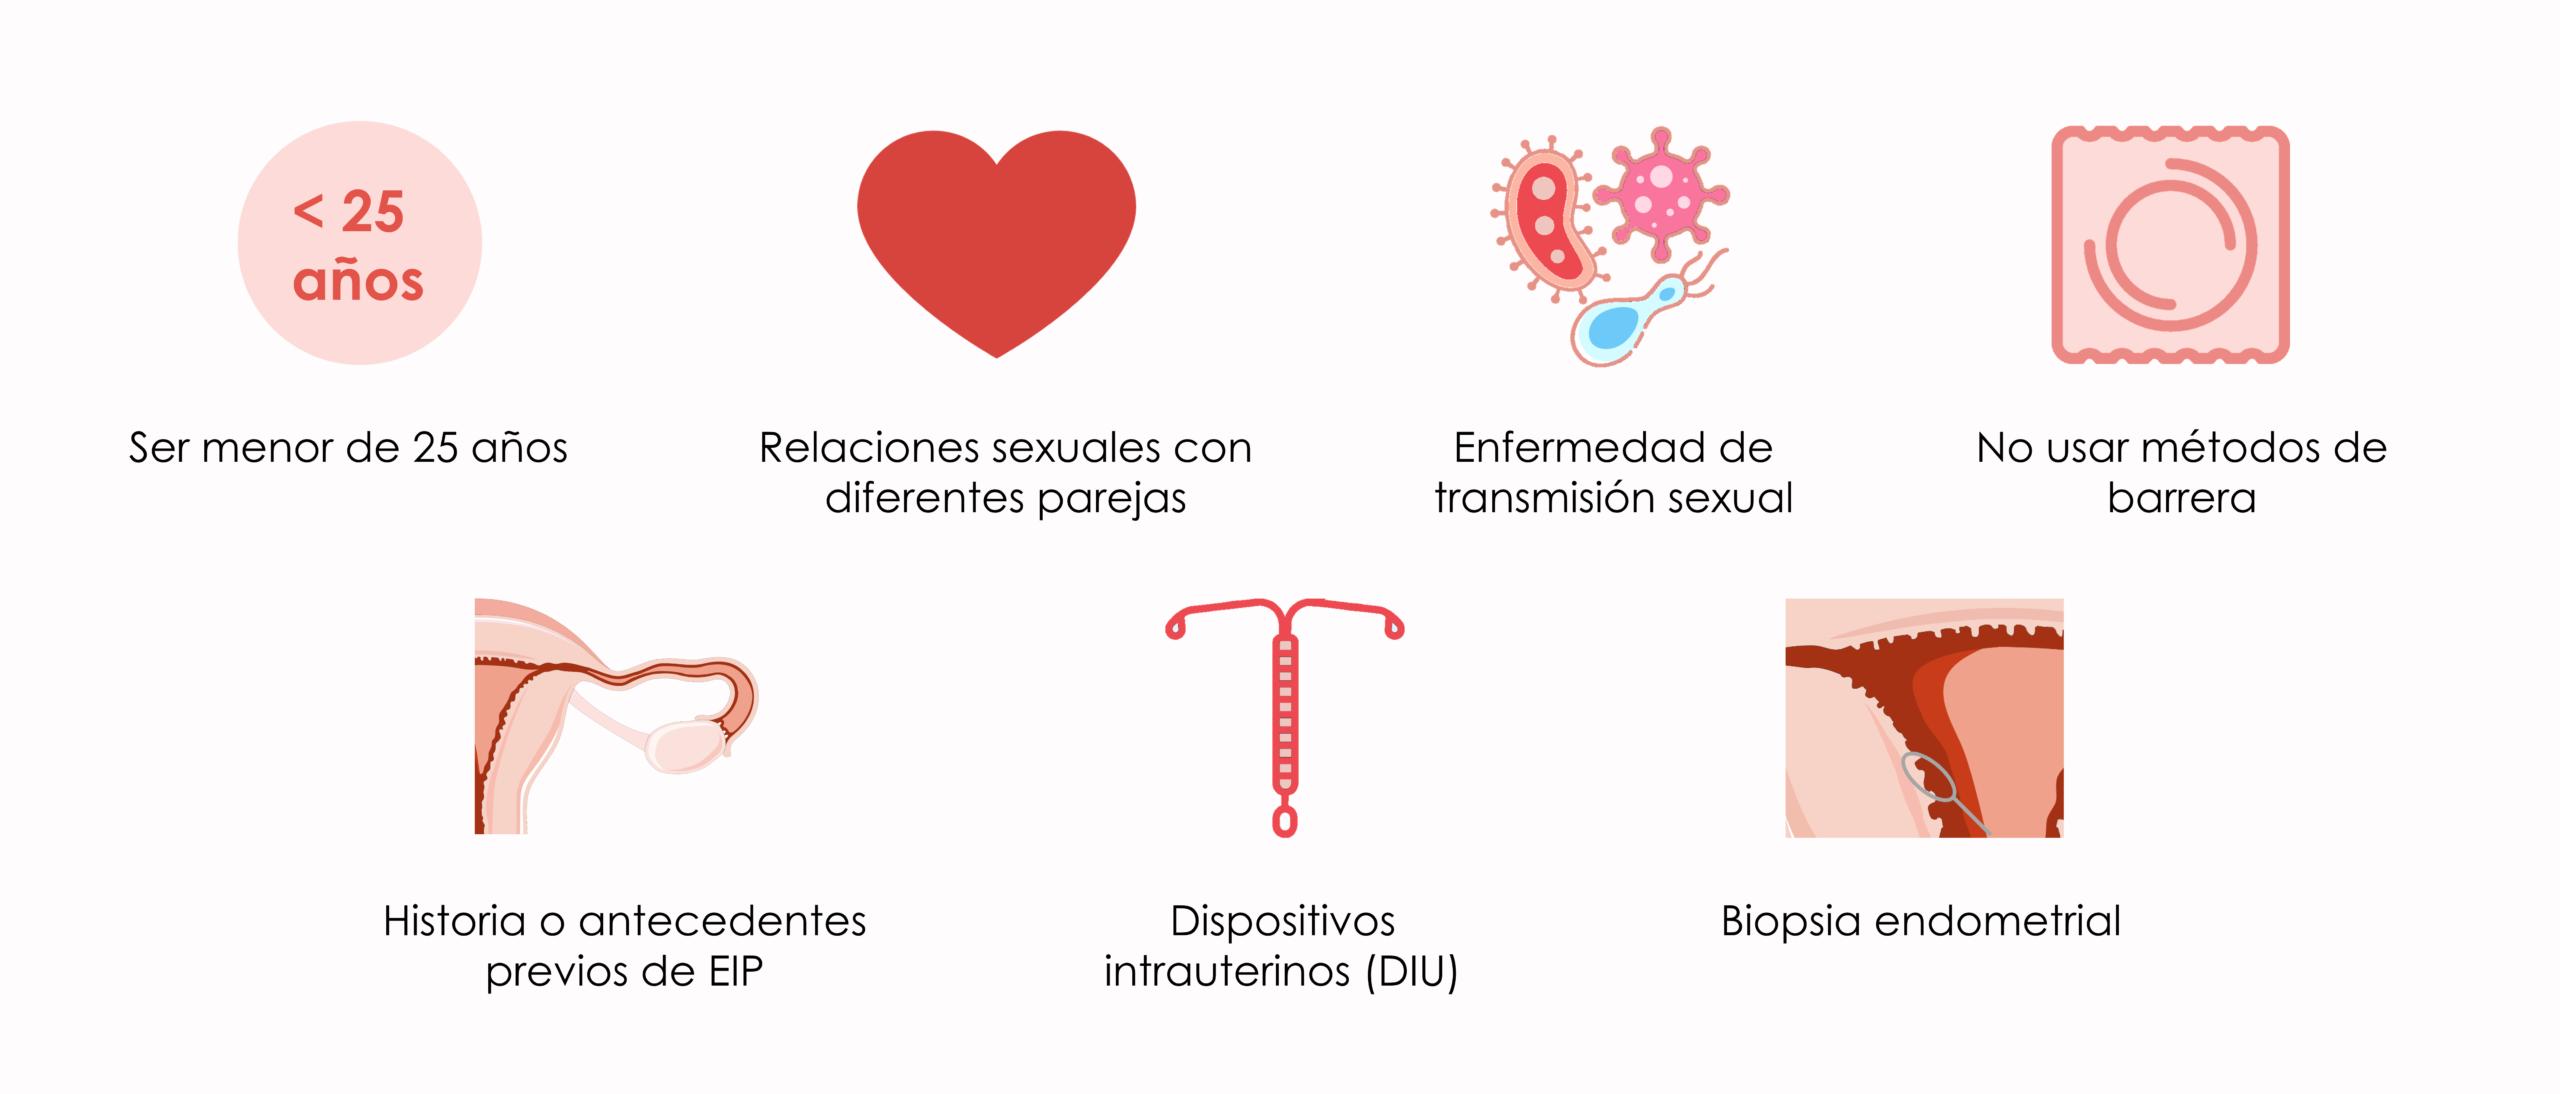 Posibles causas de la enfermedad inflamatoria pélvica